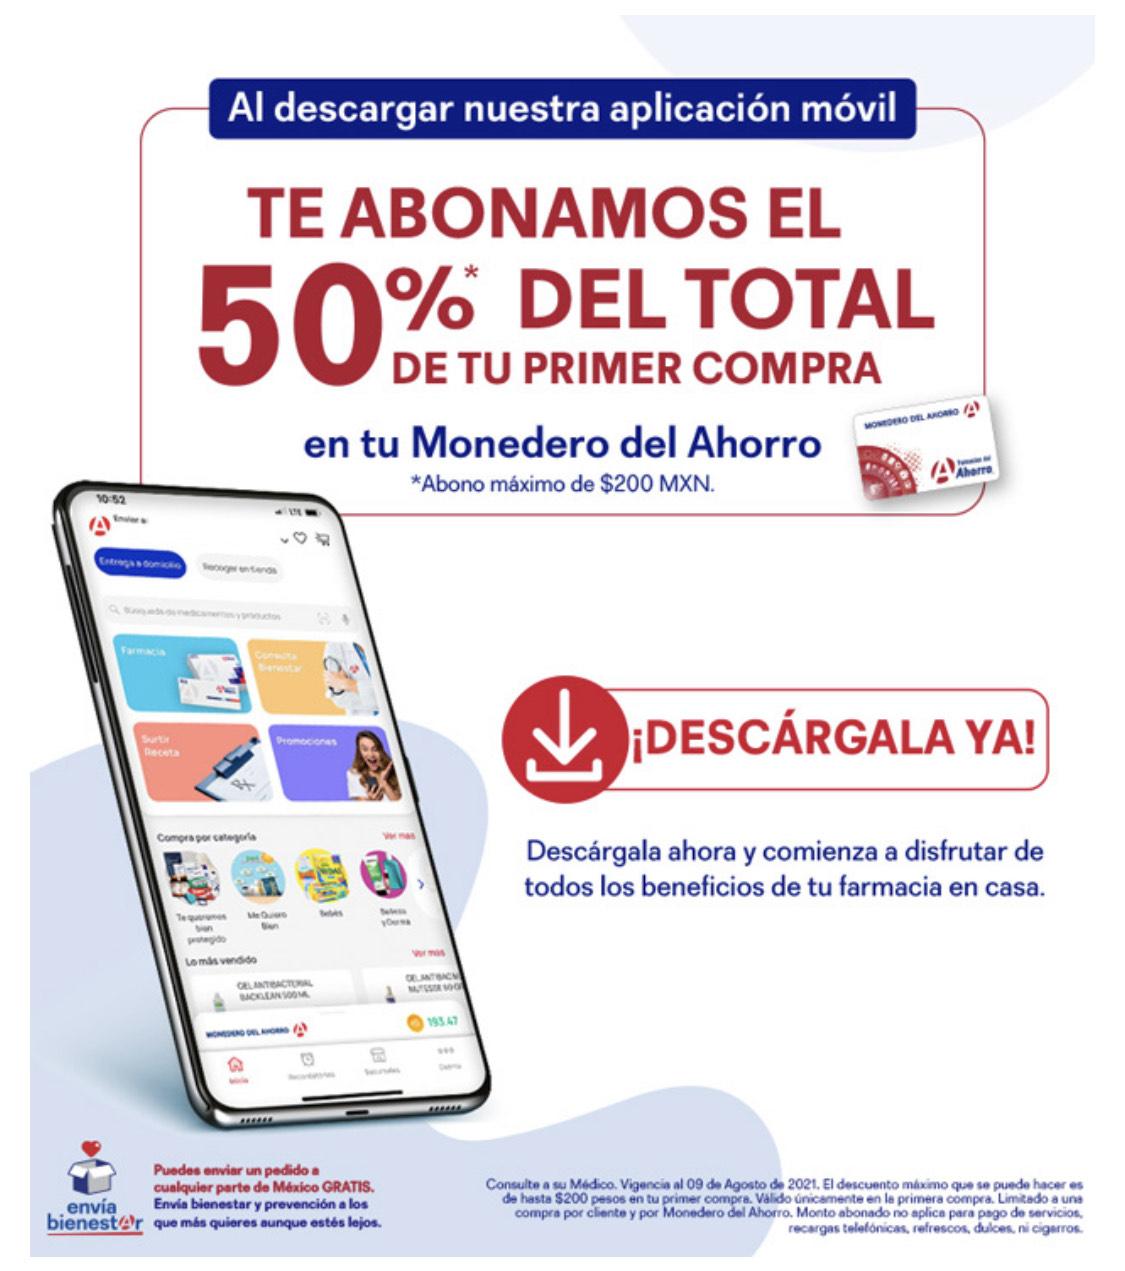 Farmacias del Ahorro: 50% de bonificación al descargar la app en primera compra